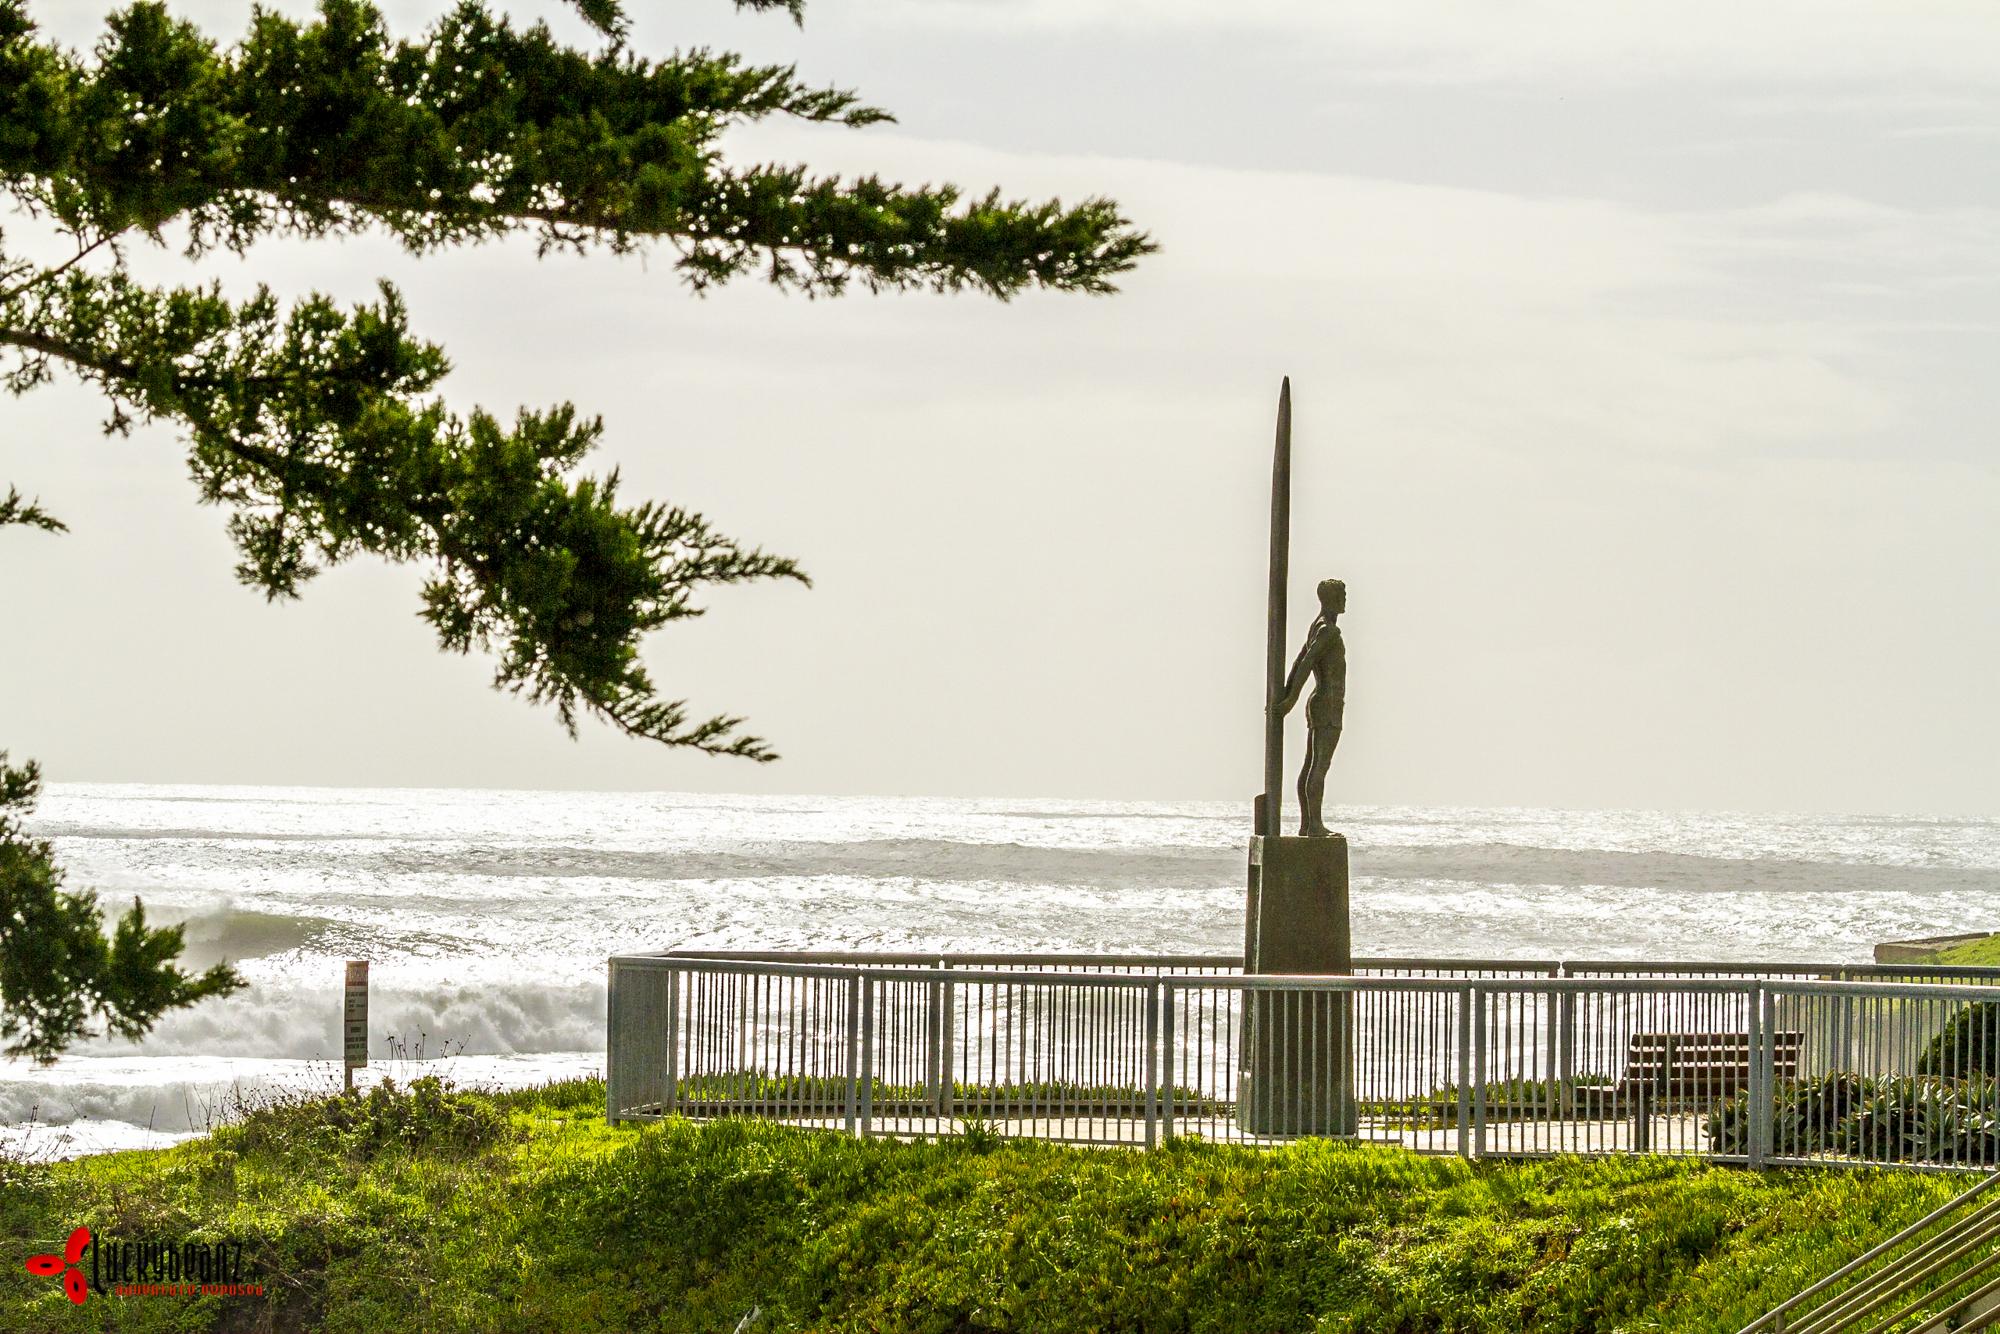 Experiencing surfing history in Santa Cruz, California.